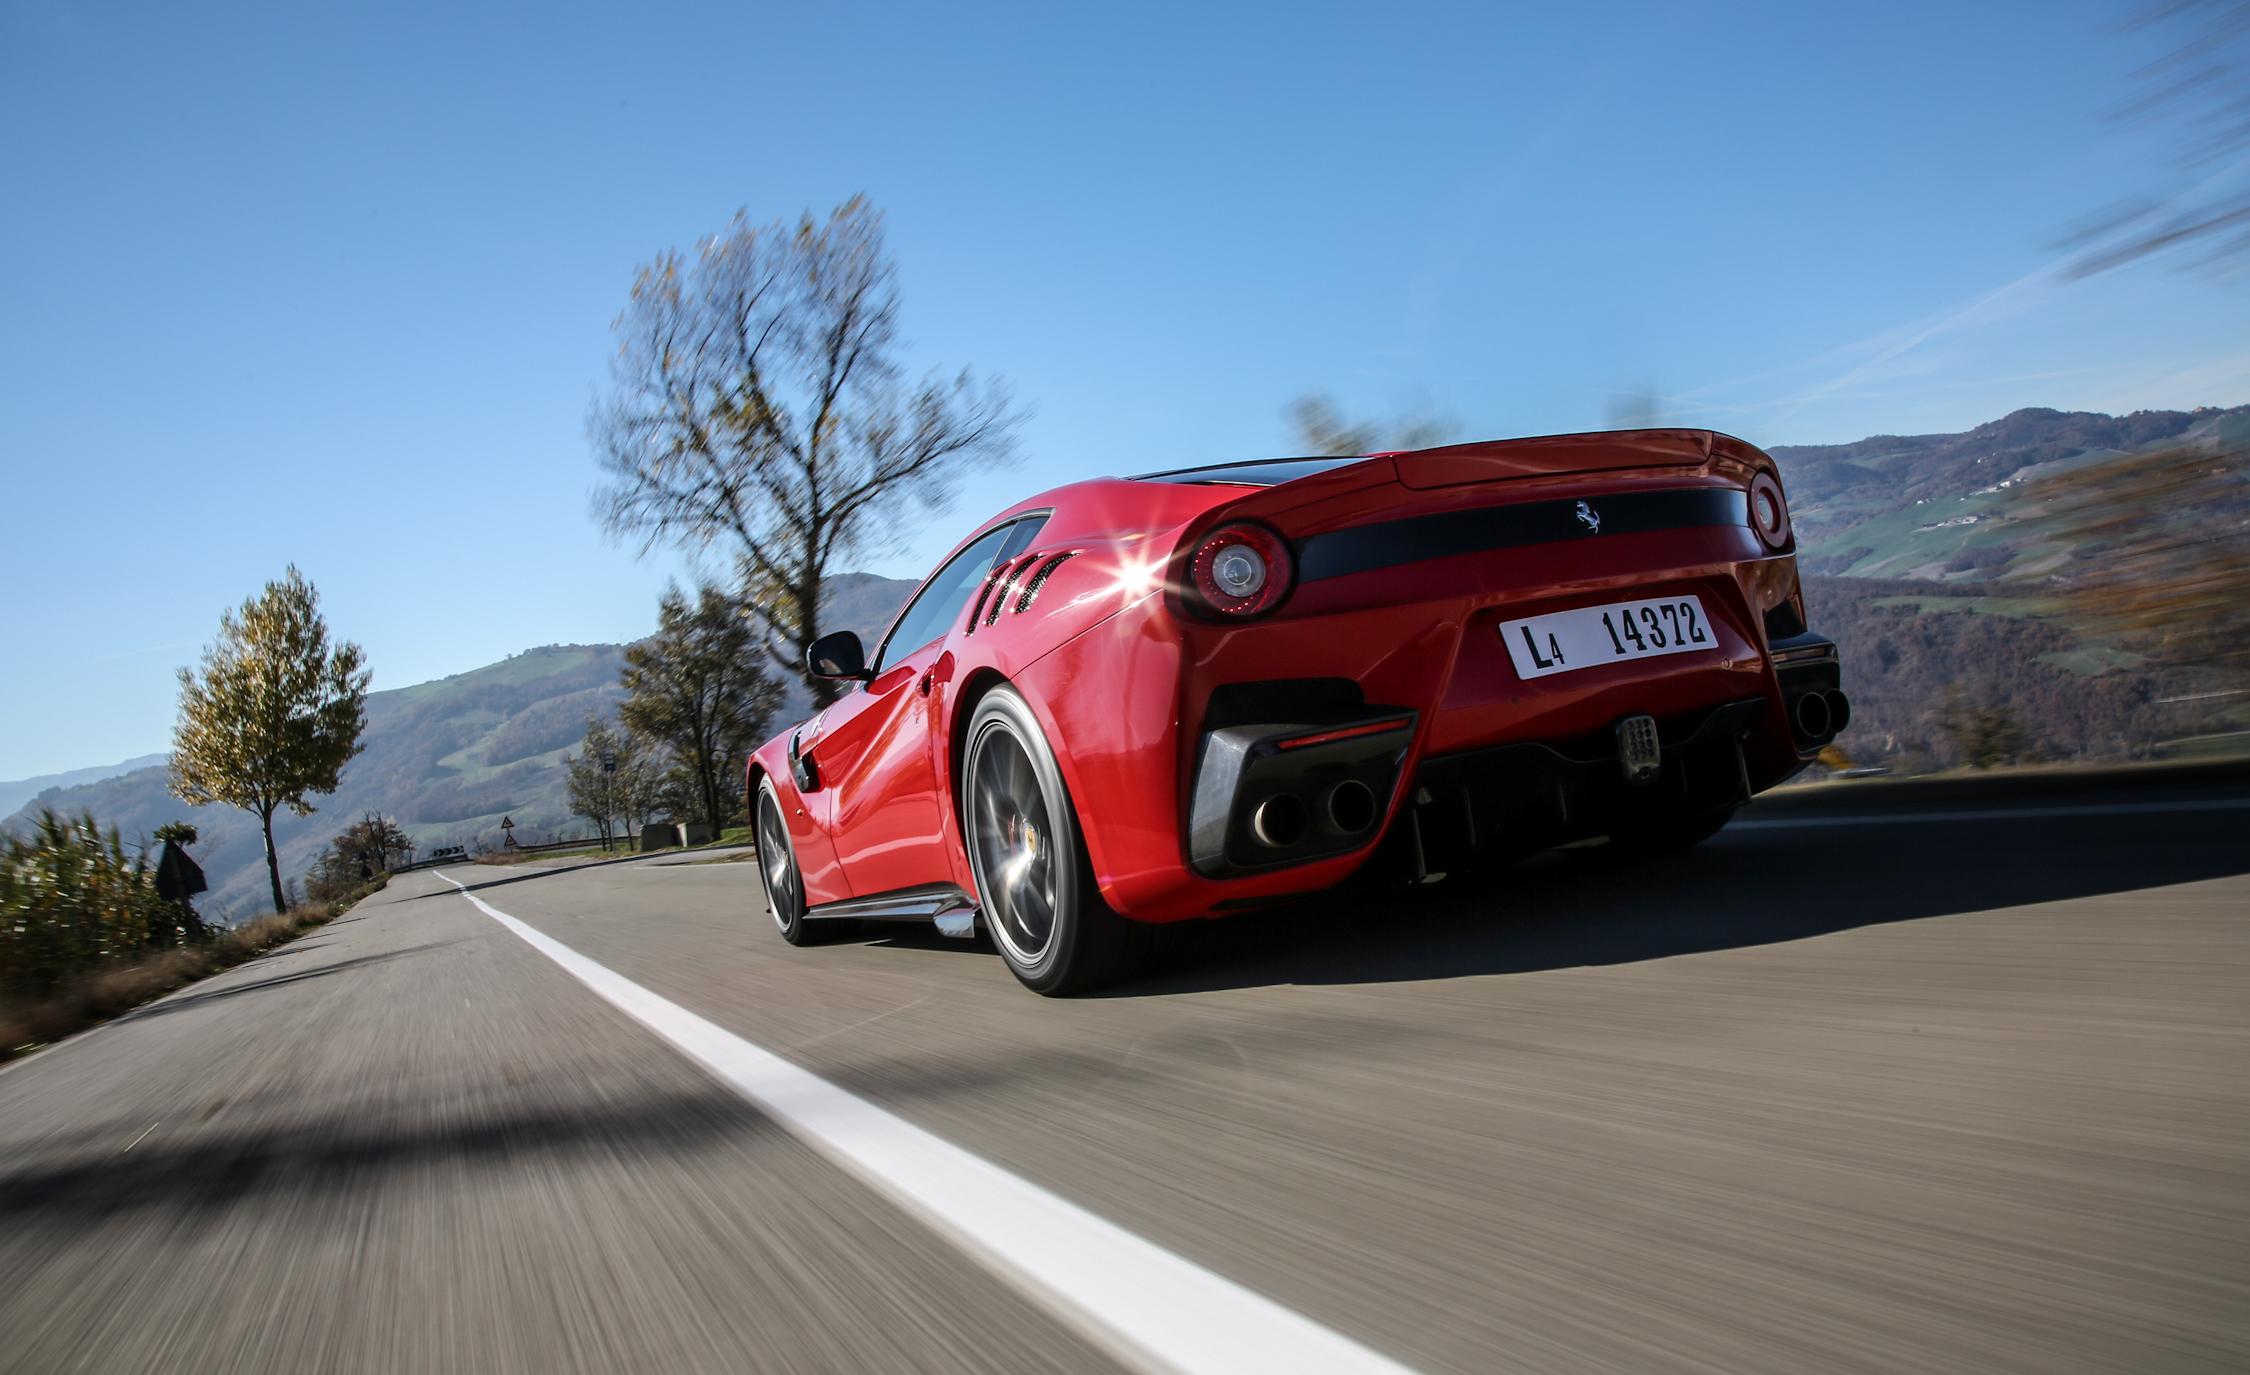 2016 Ferrari F12tdf Rear Body